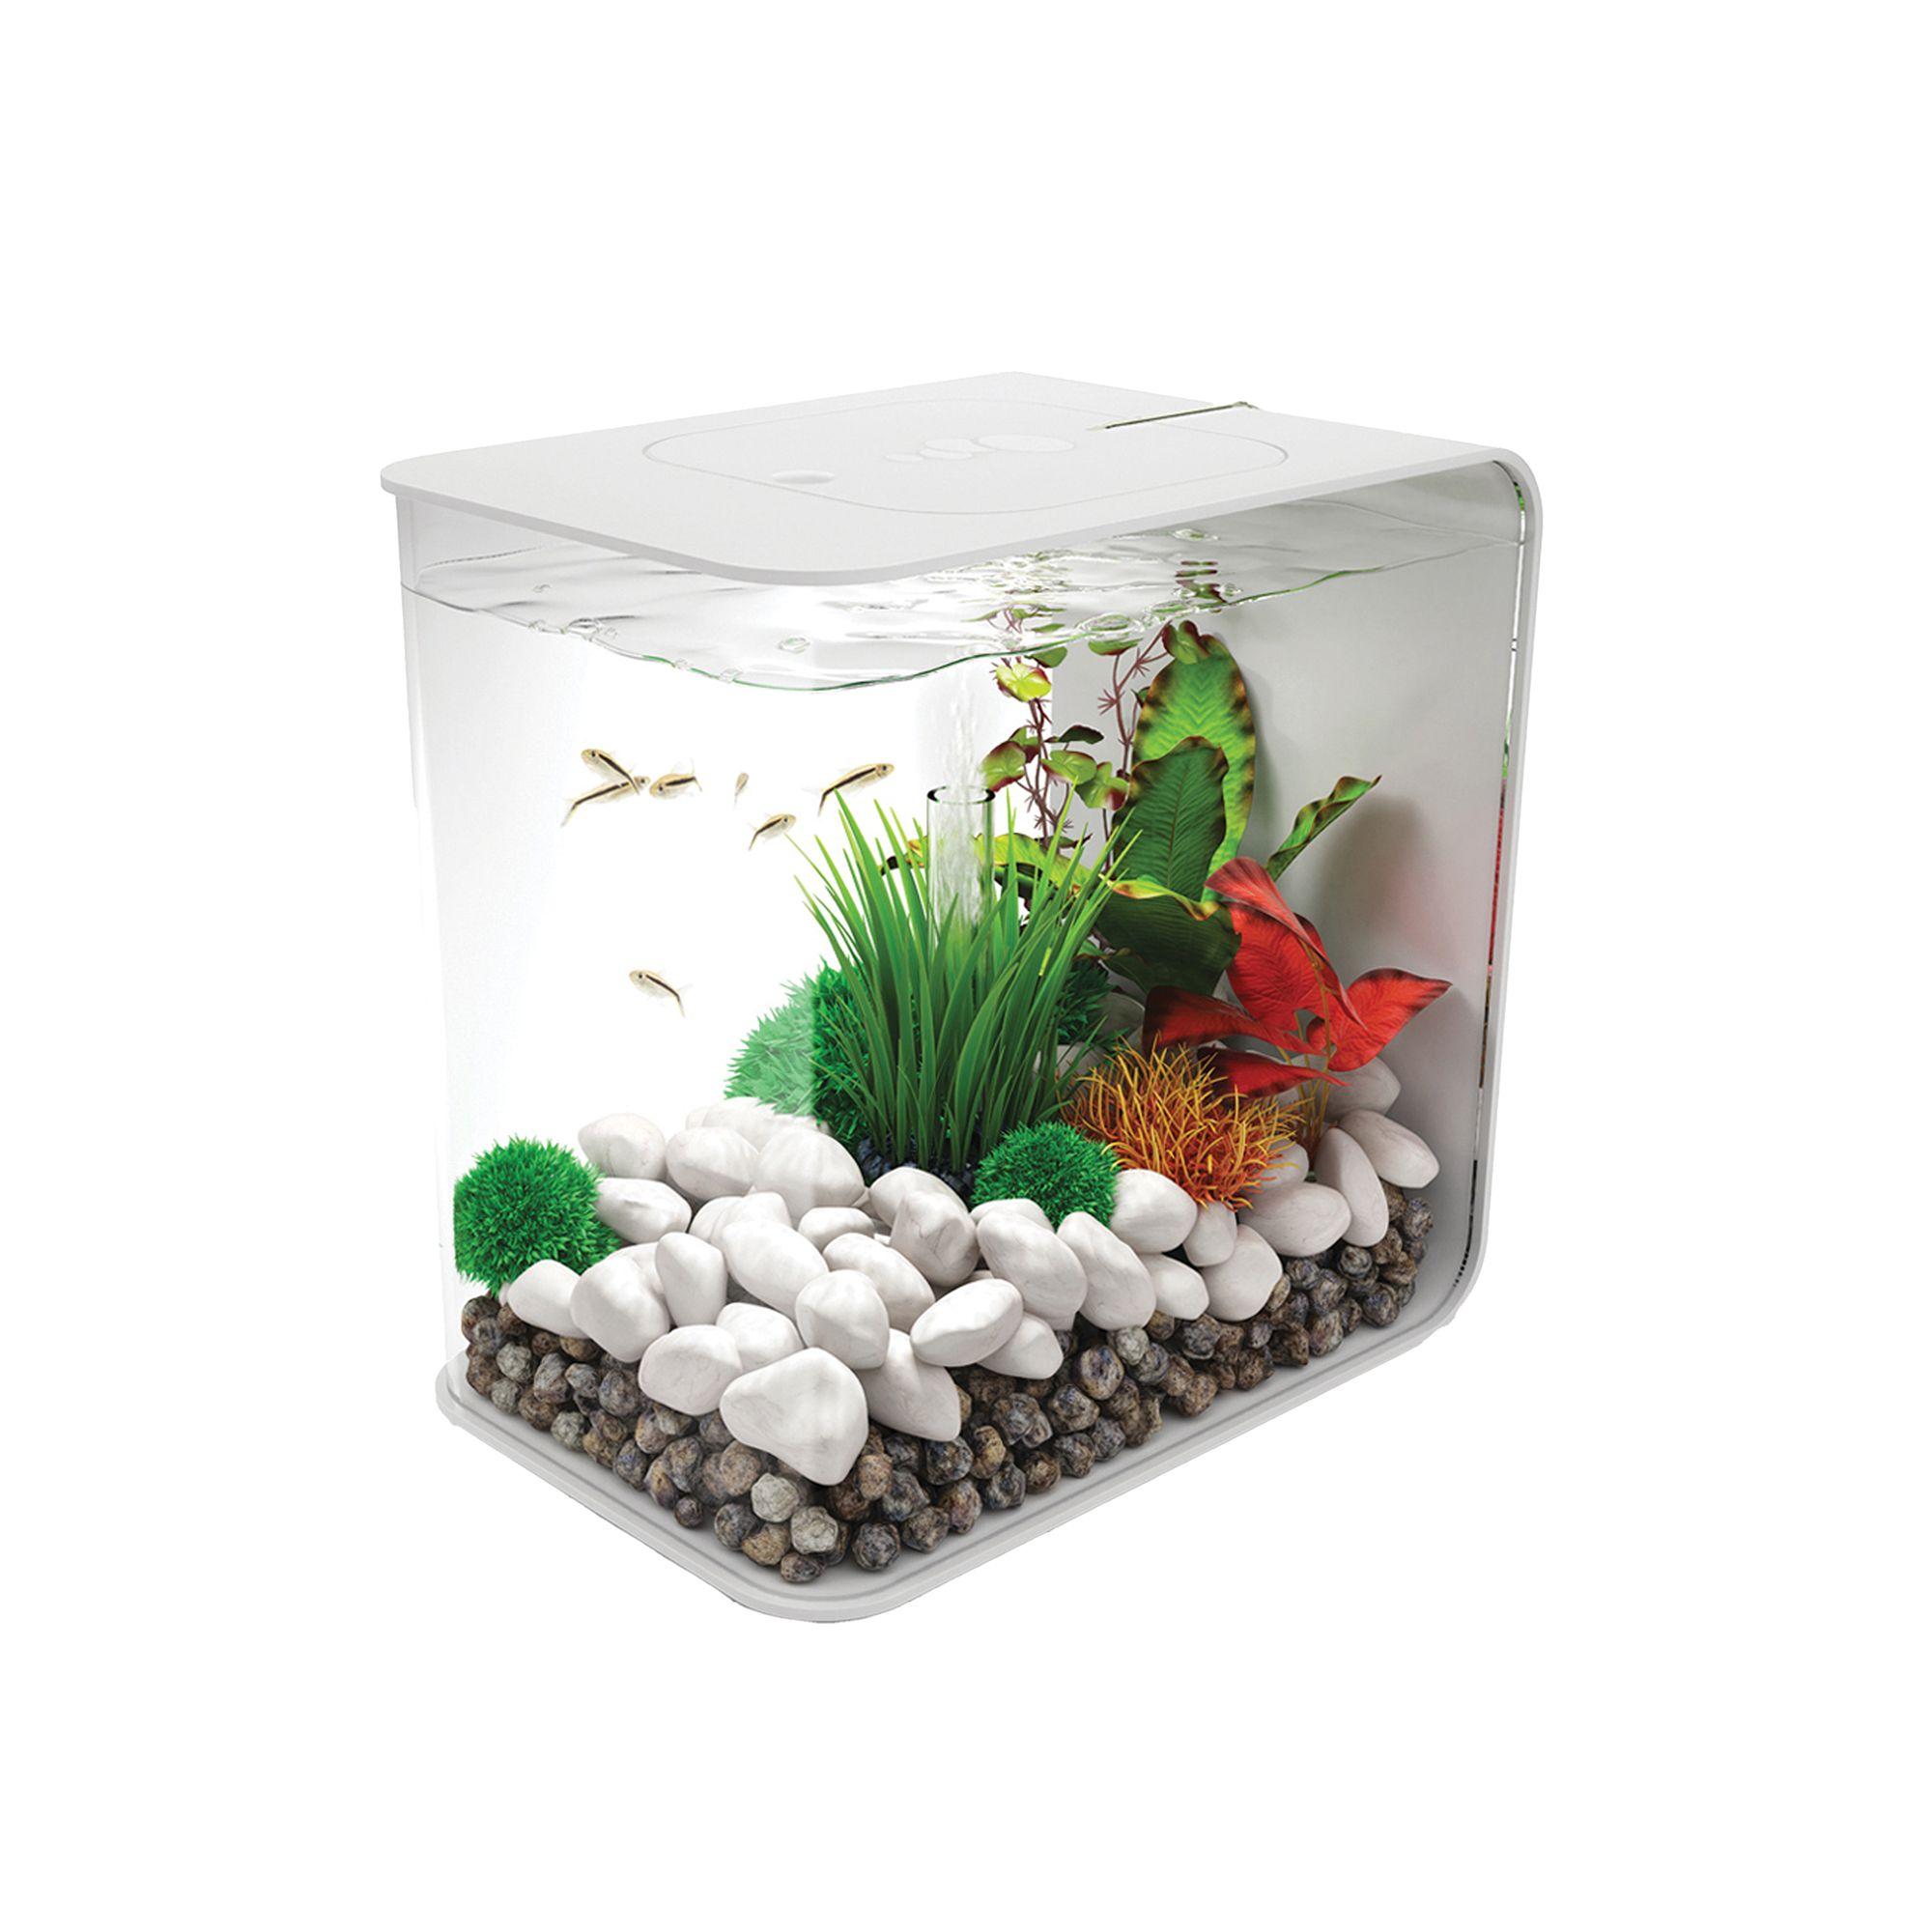 Biorb Flow 4 Gallon Led Aquarium White